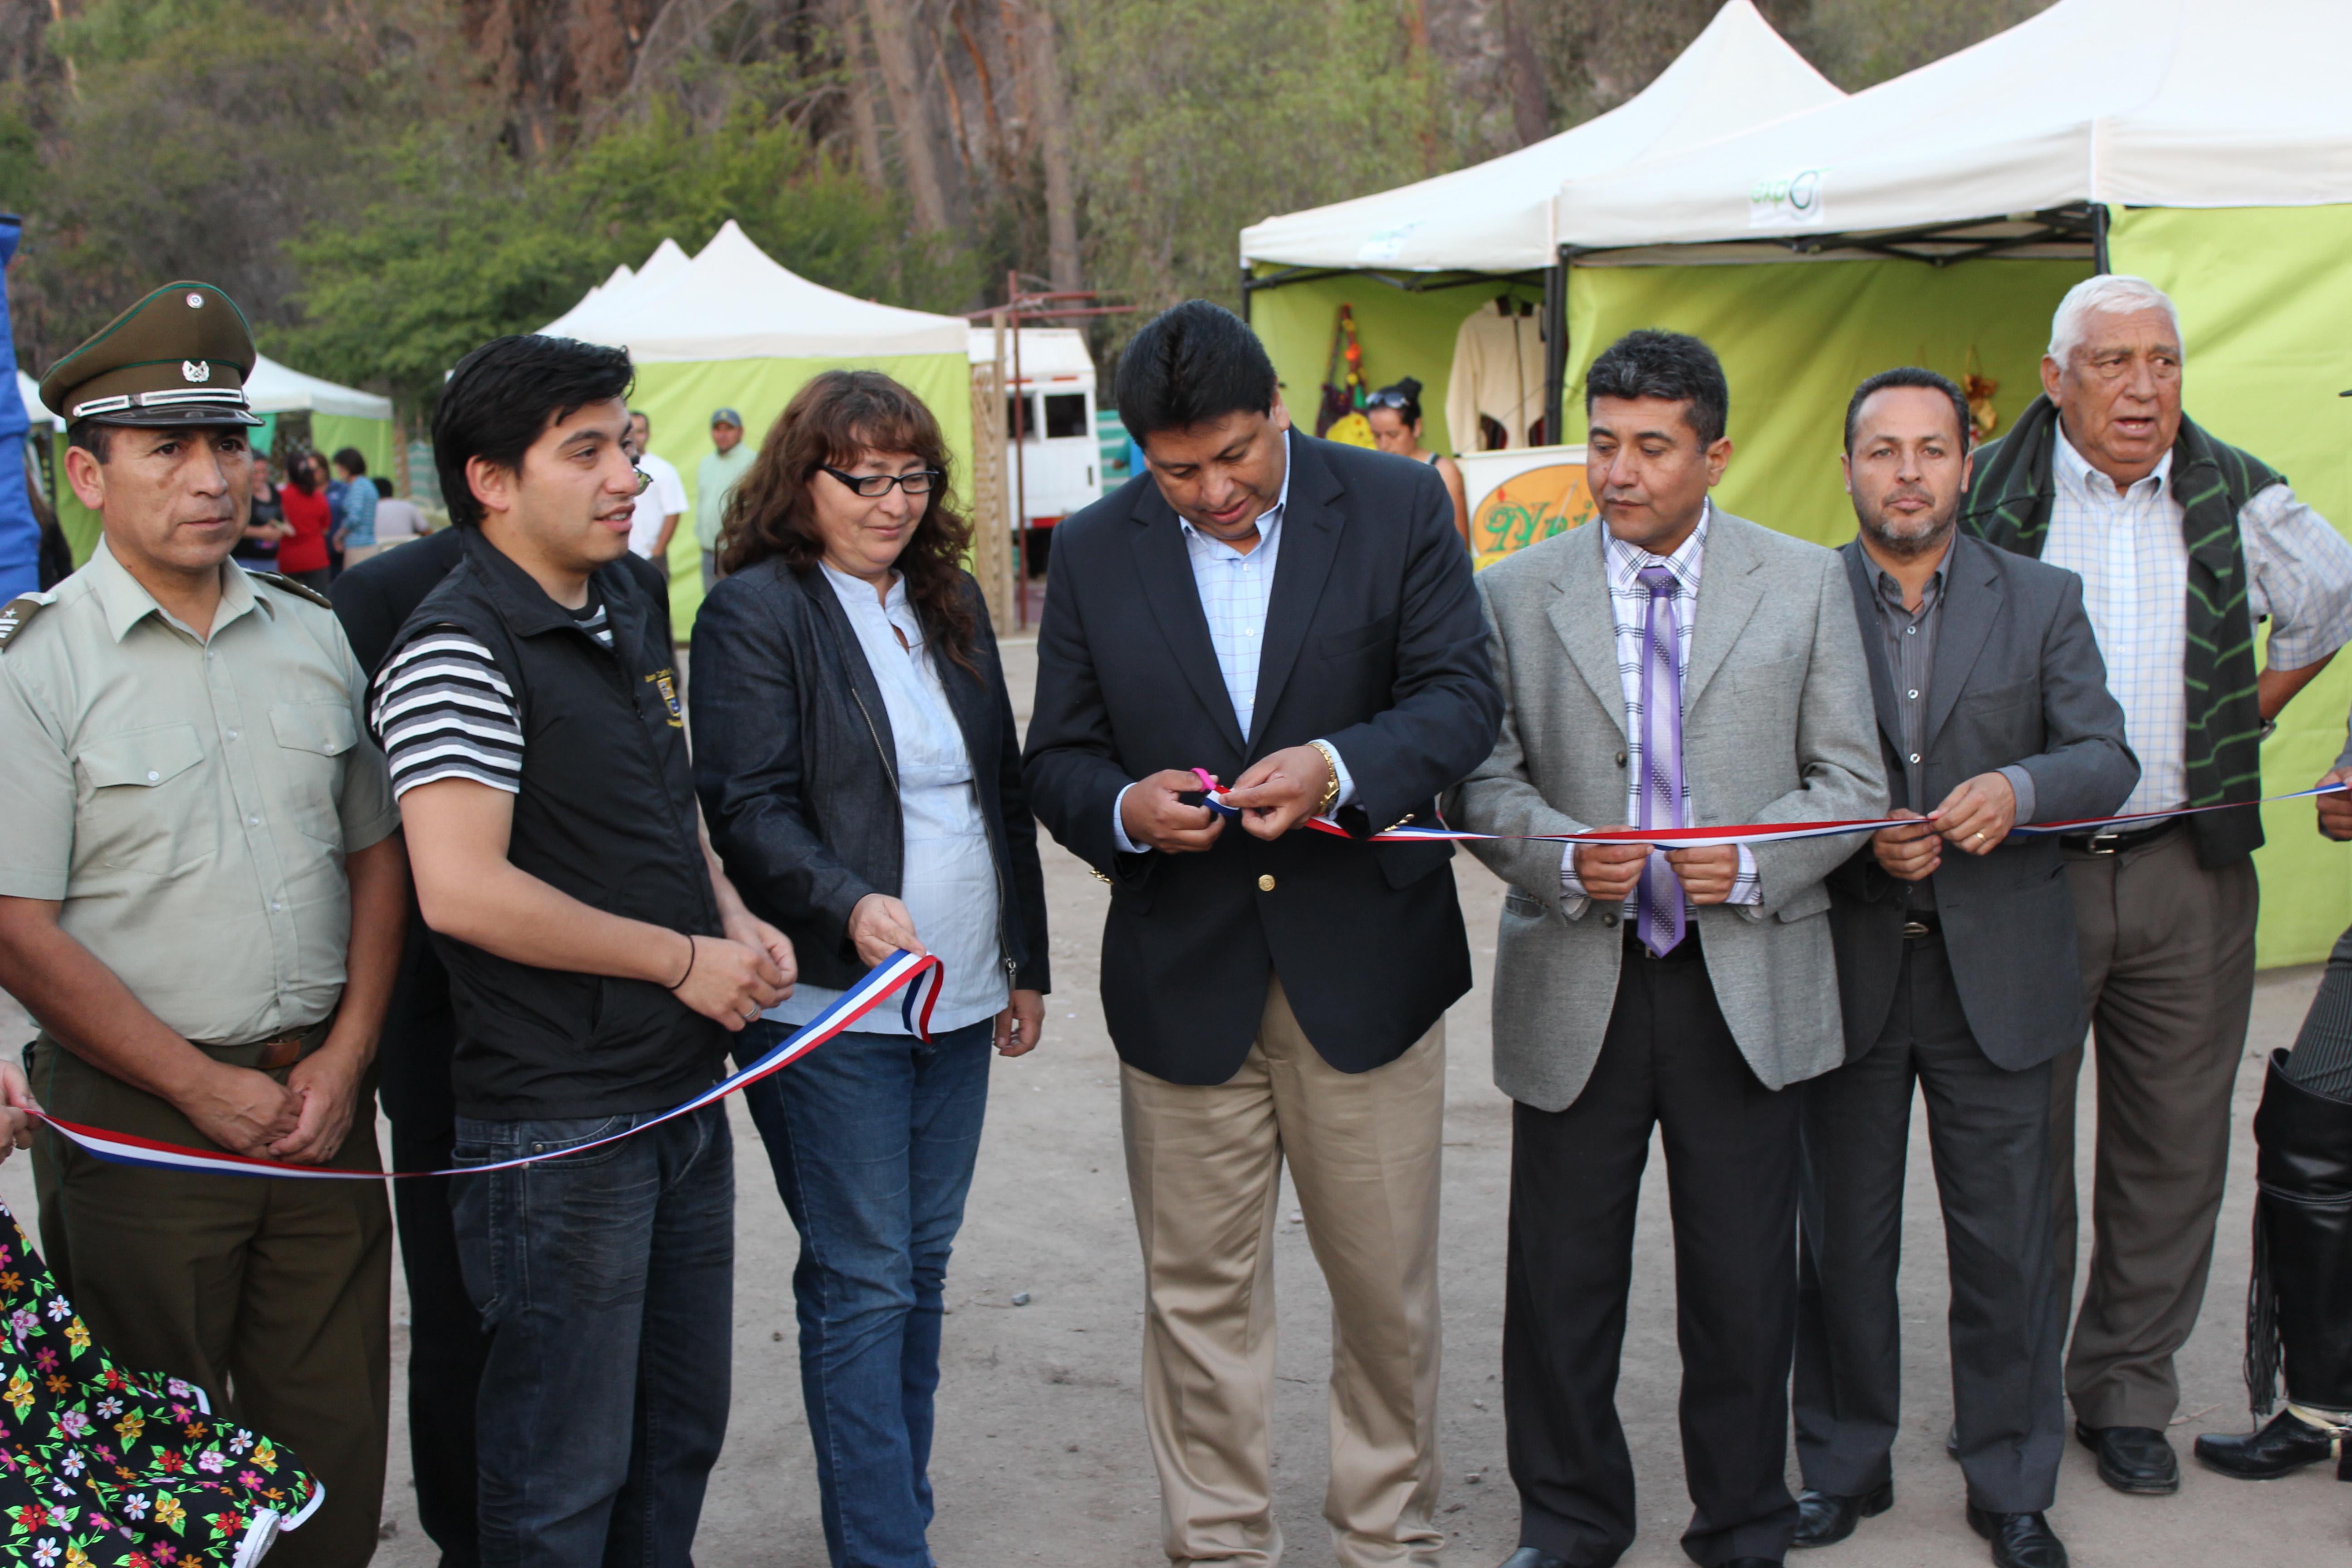 Hasta el domingo estará abierta Feria ExpoHuasco 2013 en vivero municipal